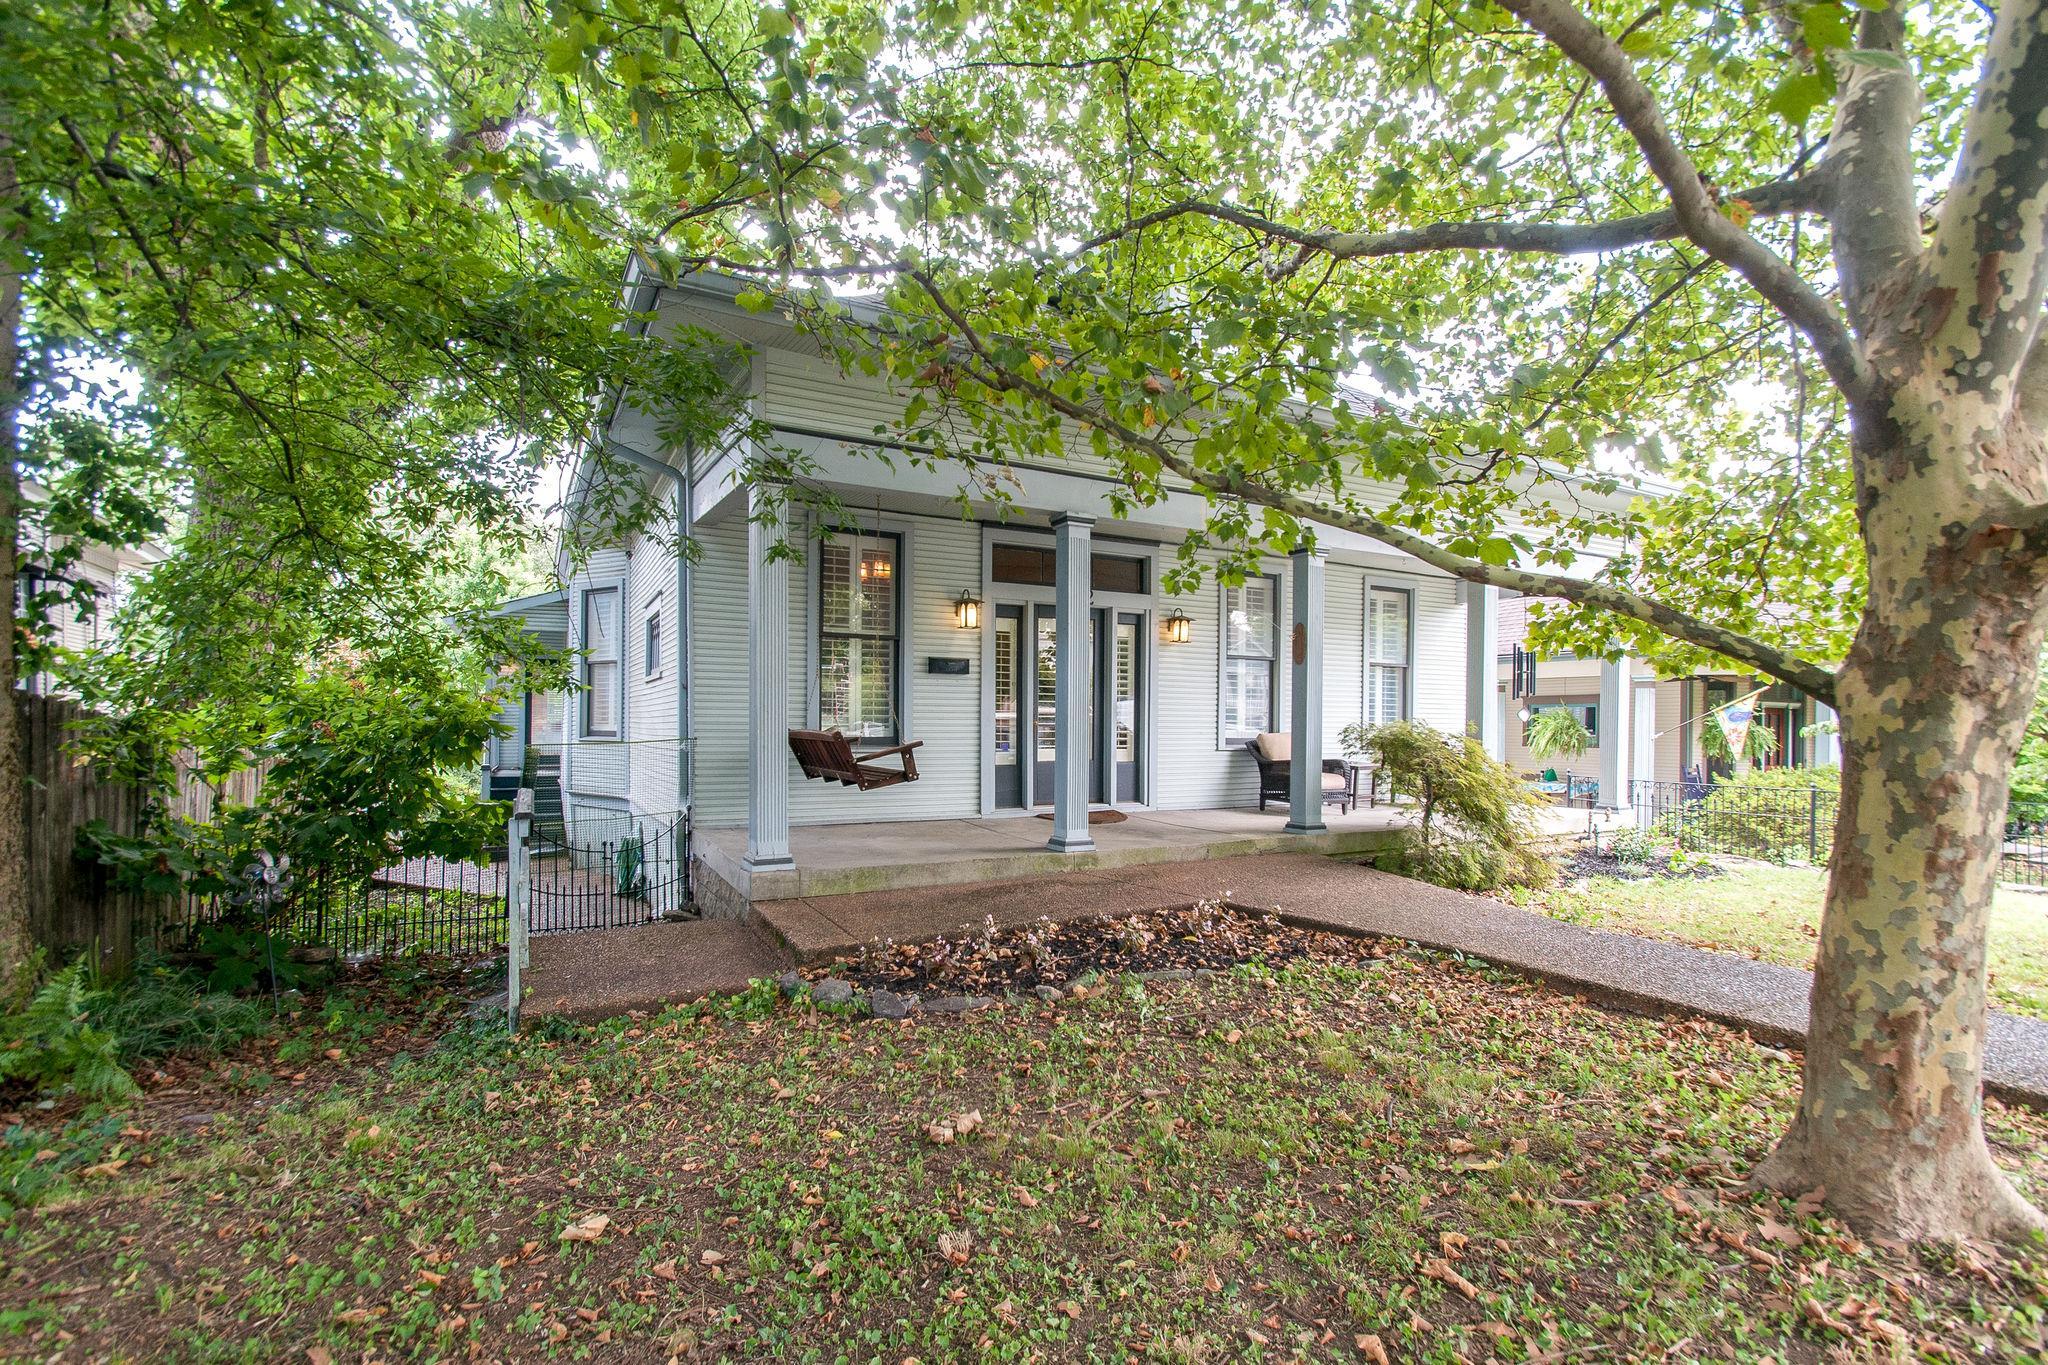 1502 Forrest Ave, Nashville, TN 37206 - Nashville, TN real estate listing